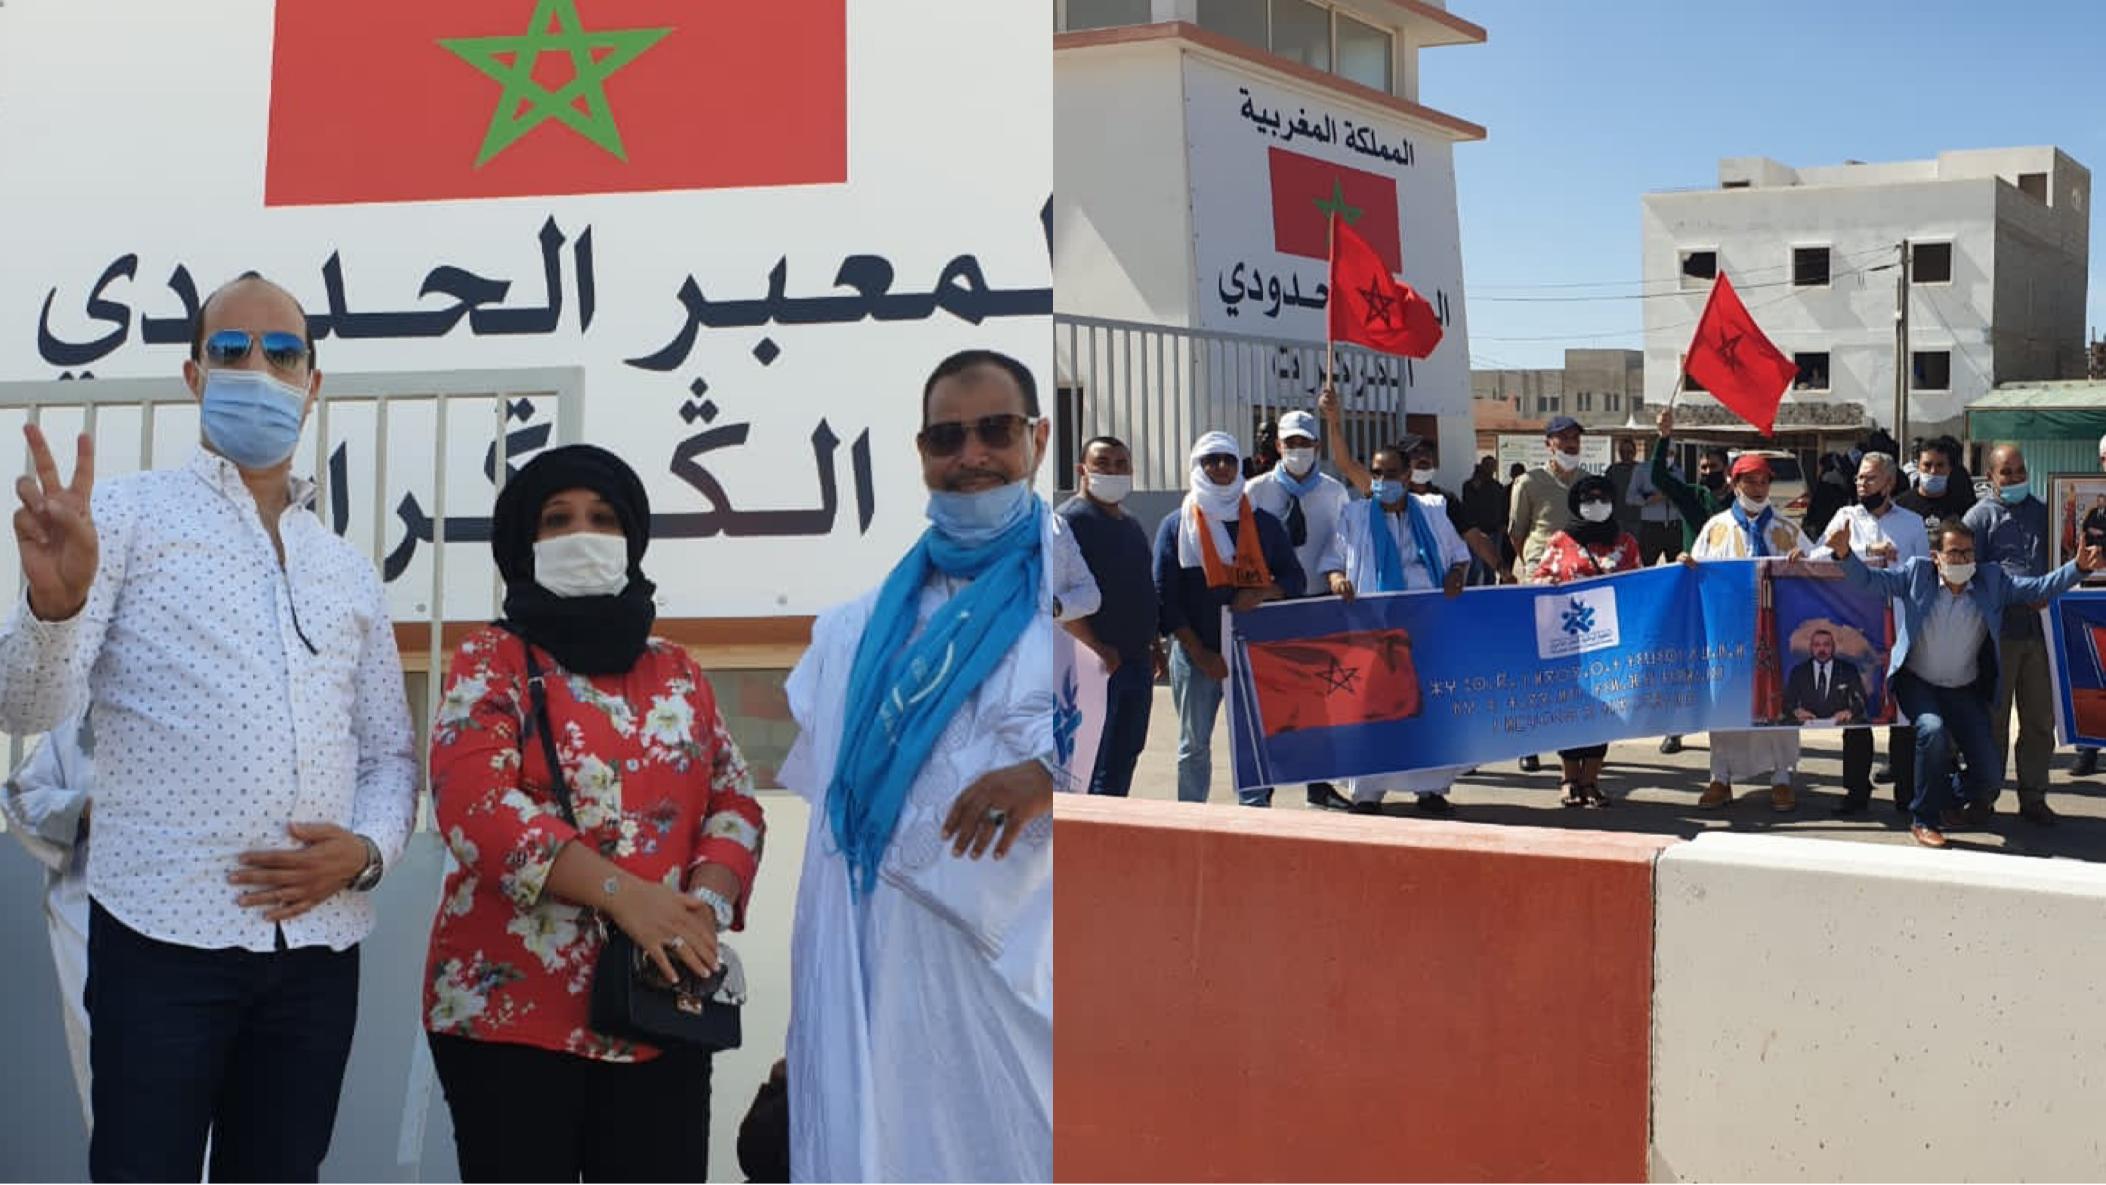 صورة المنظمة الوطنية للتجار الأحرار في زيارة تضامنية لمعبر الكركرات